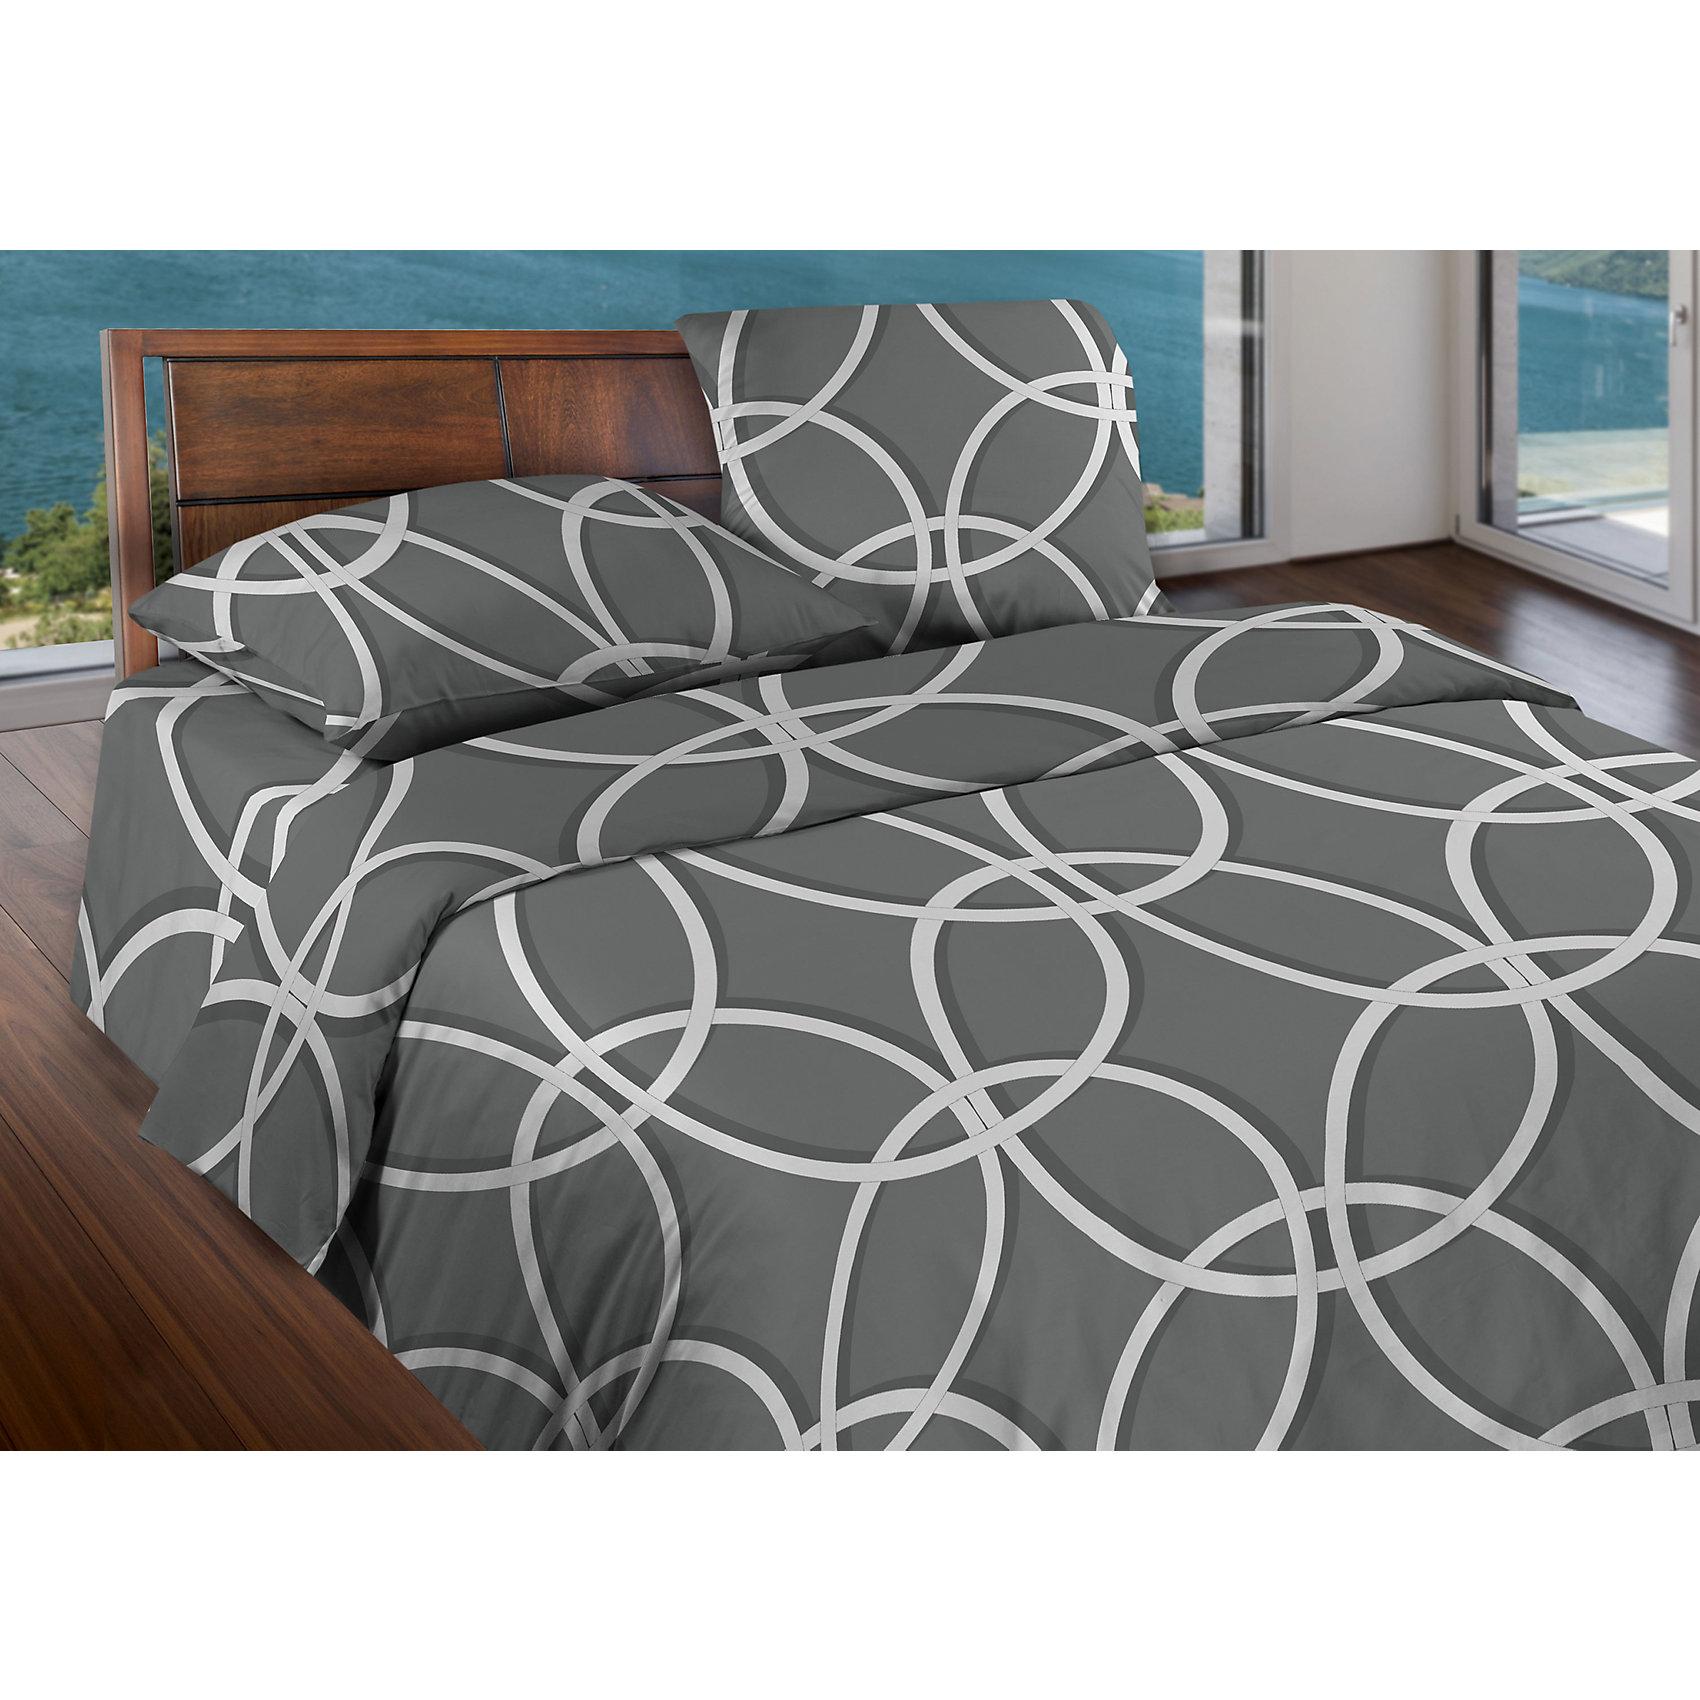 Комплект постельного белья Макси БИО Комфорт Round, 2 спальное, WengeДомашний текстиль<br>Комплект постельного белья Макси БИО Комфорт Round, 2 спальное, Wenge (Венге)<br><br>Характеристики:<br><br>• изготовлено из натуральной, биологически чистой ткани<br>• высокая износостойкость<br>• приятное на ощупь<br>• оригинальный дизайн<br>• тип комплекта: 2-спальный<br>• материал: БИО комфорт (100% хлопок)<br>• в комплекте: простыня, пододеяльник, наволочка (2 шт.)<br>• размер простыни: 214х220 см<br>• размер пододеяльника: 175х215 см<br>• размер наволочки: 70х70 см<br>• размер упаковки: 7х28х38 см<br>• вес: 2100 грамм<br><br>Постельное белье Round изготовлено из высококачественного материала - биокомфорт. Он отличается высокой прочностью и мягкостью. Биокомфорт - качественная бязь из натурального экологически чистого хлопка. Белье не сядет и не выцветет после многочисленных стирок. Комплект оформлен красивым узором, который прекрасно впишется в интерьер вашей спальни.<br><br>Комплект постельного белья Макси БИО Комфорт Round, 2 спальное, Wenge (Венге) можно купить в нашем интернет-магазине.<br><br>Ширина мм: 380<br>Глубина мм: 280<br>Высота мм: 70<br>Вес г: 2100<br>Возраст от месяцев: 36<br>Возраст до месяцев: 216<br>Пол: Унисекс<br>Возраст: Детский<br>SKU: 5430850